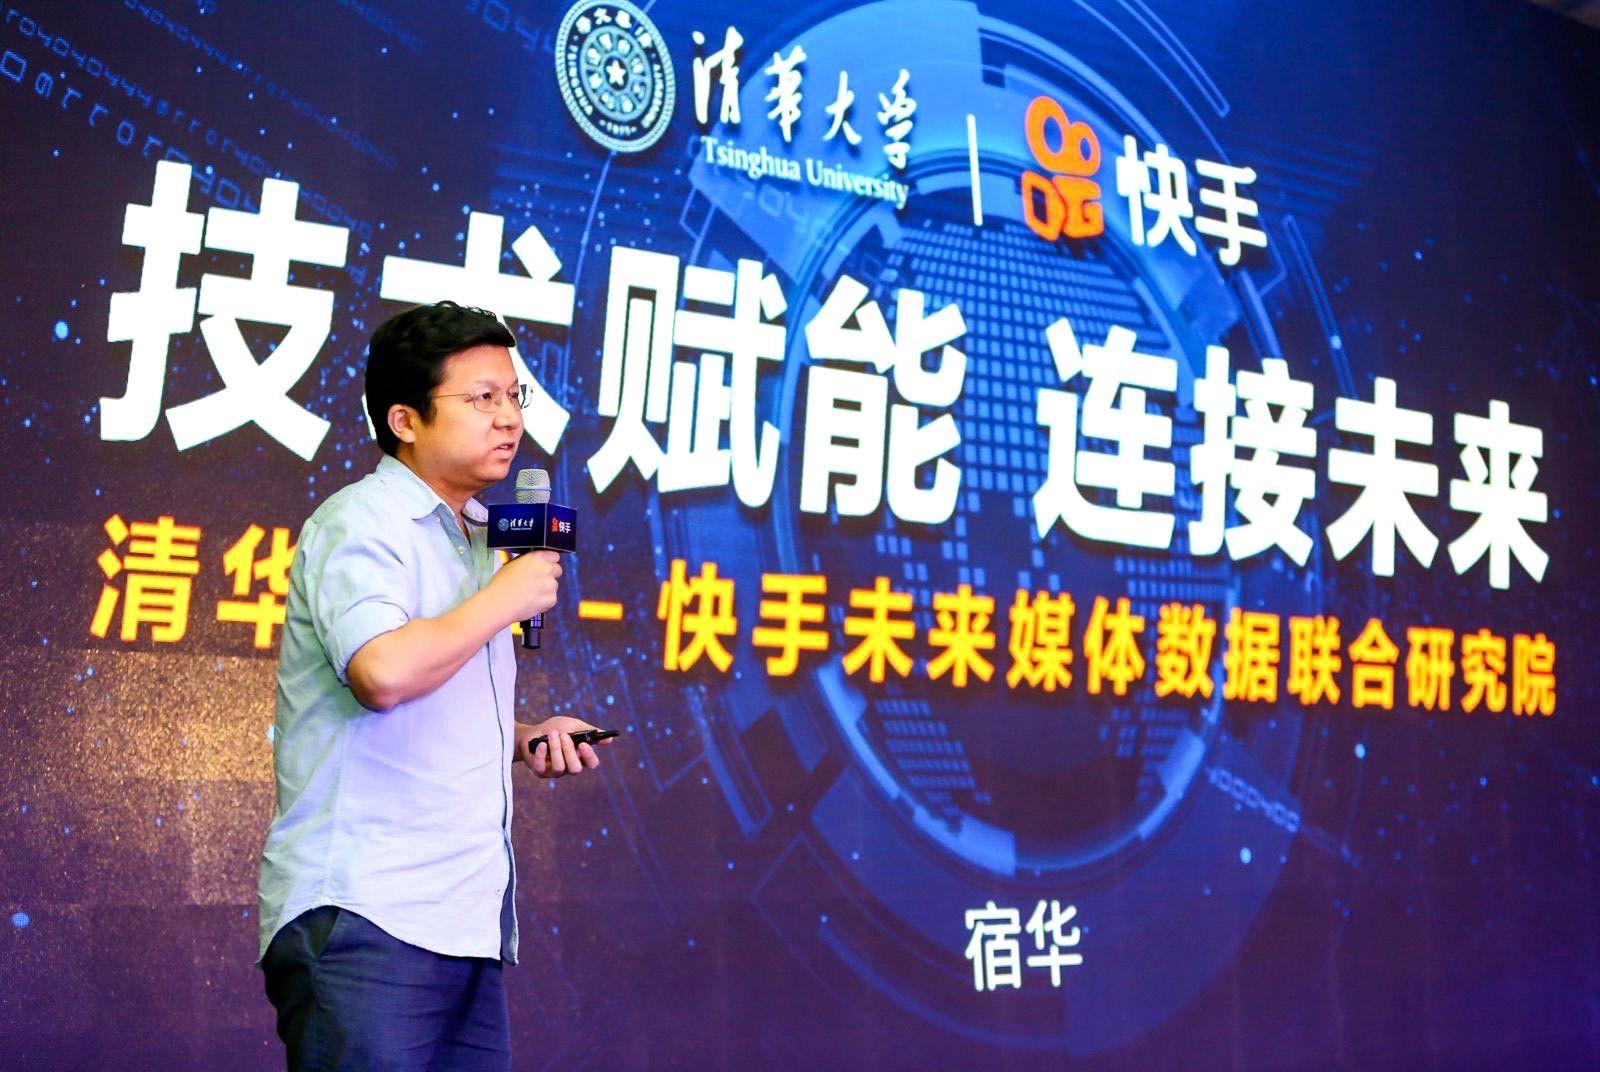 宿华:为最近反思 与清华大学合作用技术加强内容管理